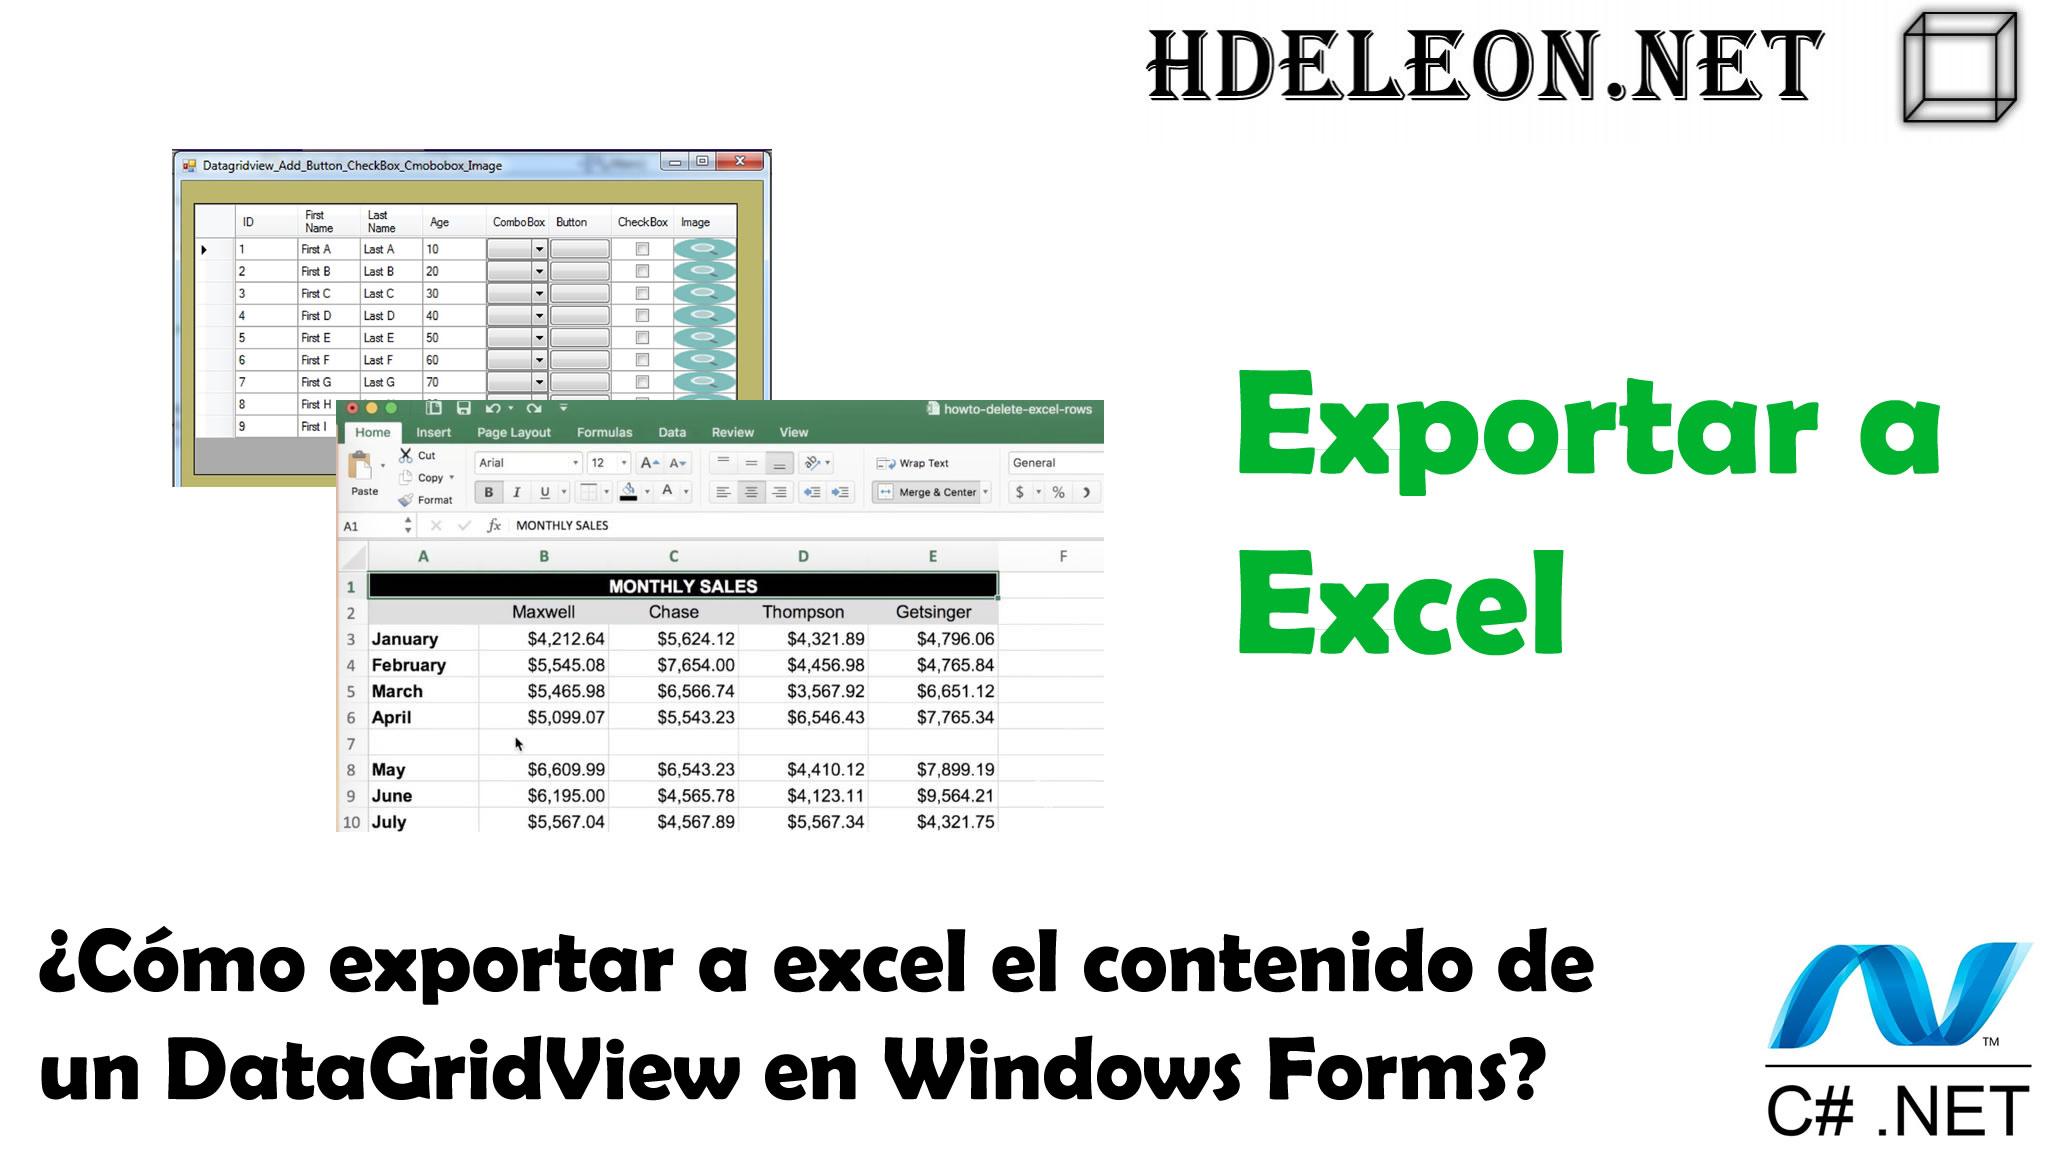 ¿Cómo exportar a excel el contenido de un DataGridView de Windows Forms?